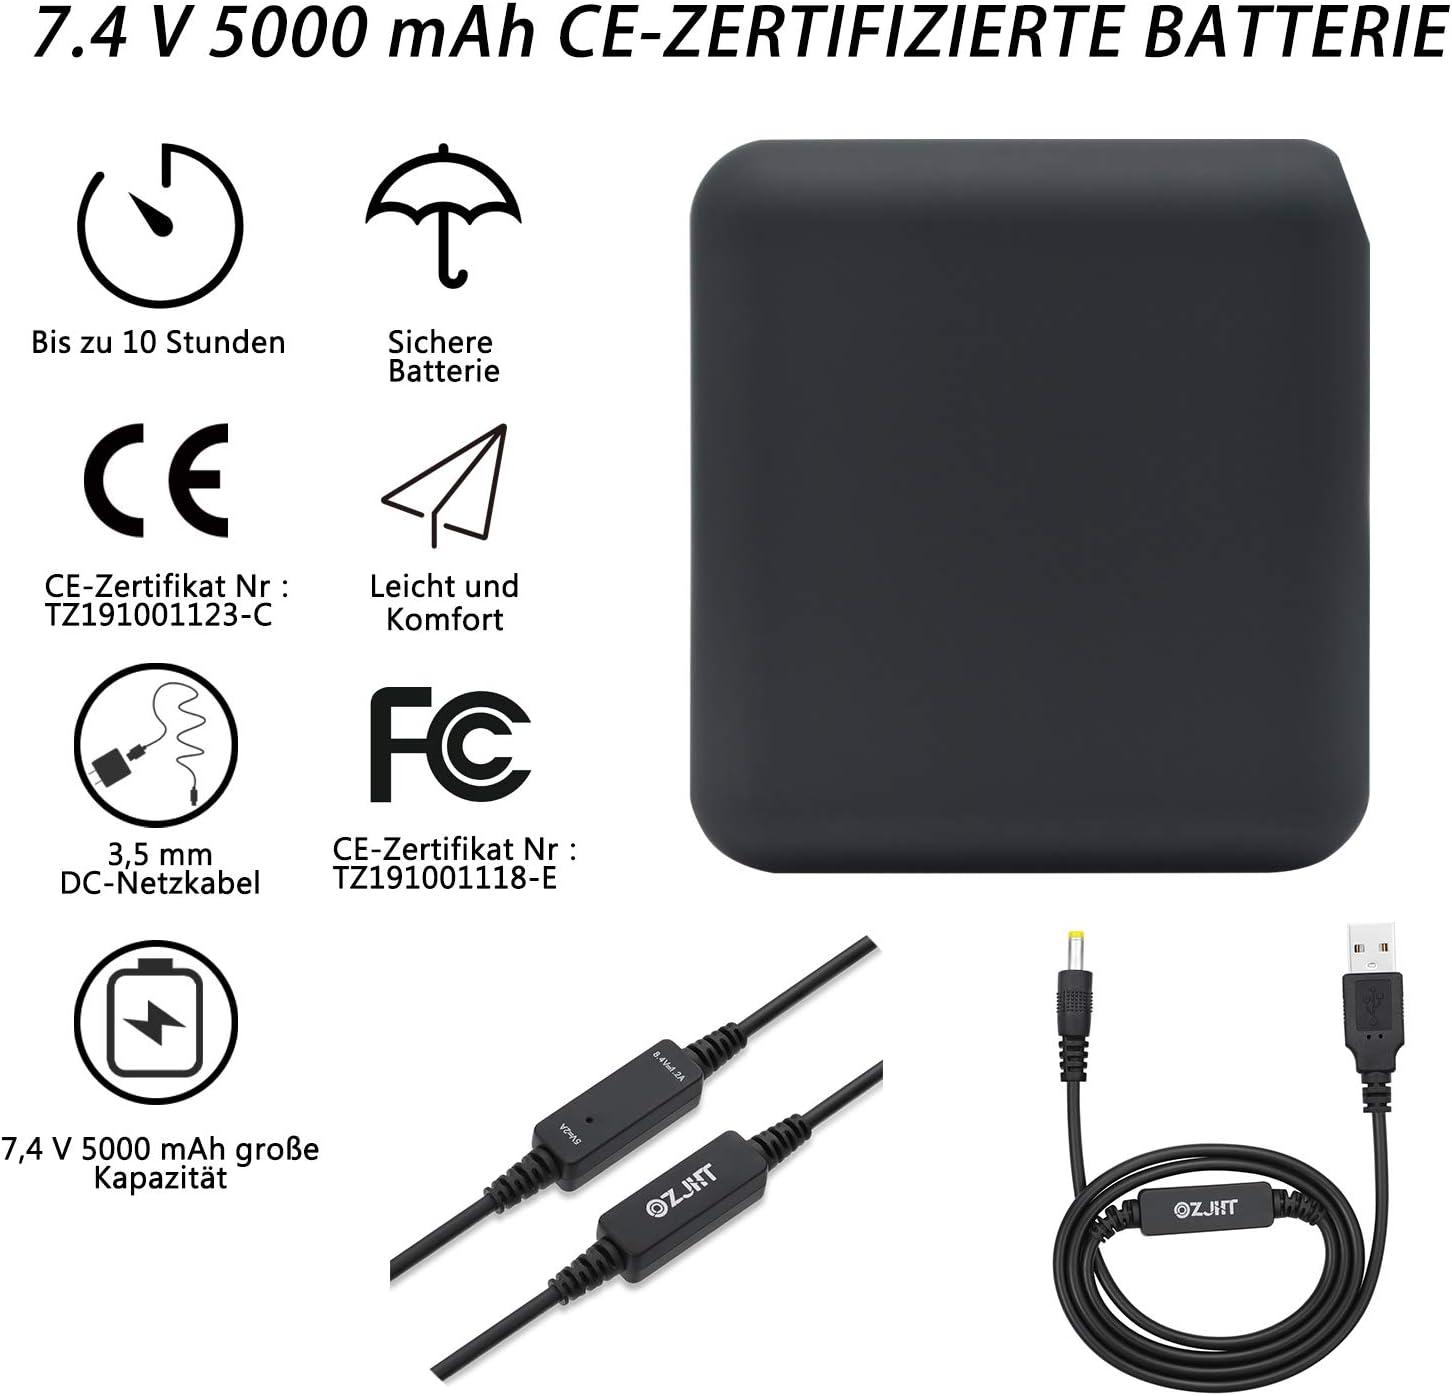 ZJHT Chaqueta Calefactable con 7.4V Bater/ía Y Cable de Carga para Hombre Y Mujer,Chaquetas con Calefacci/ón con 3 De Temperatura Ajustable Y 5 Zonas De Calentamiento para Al Aire Libre